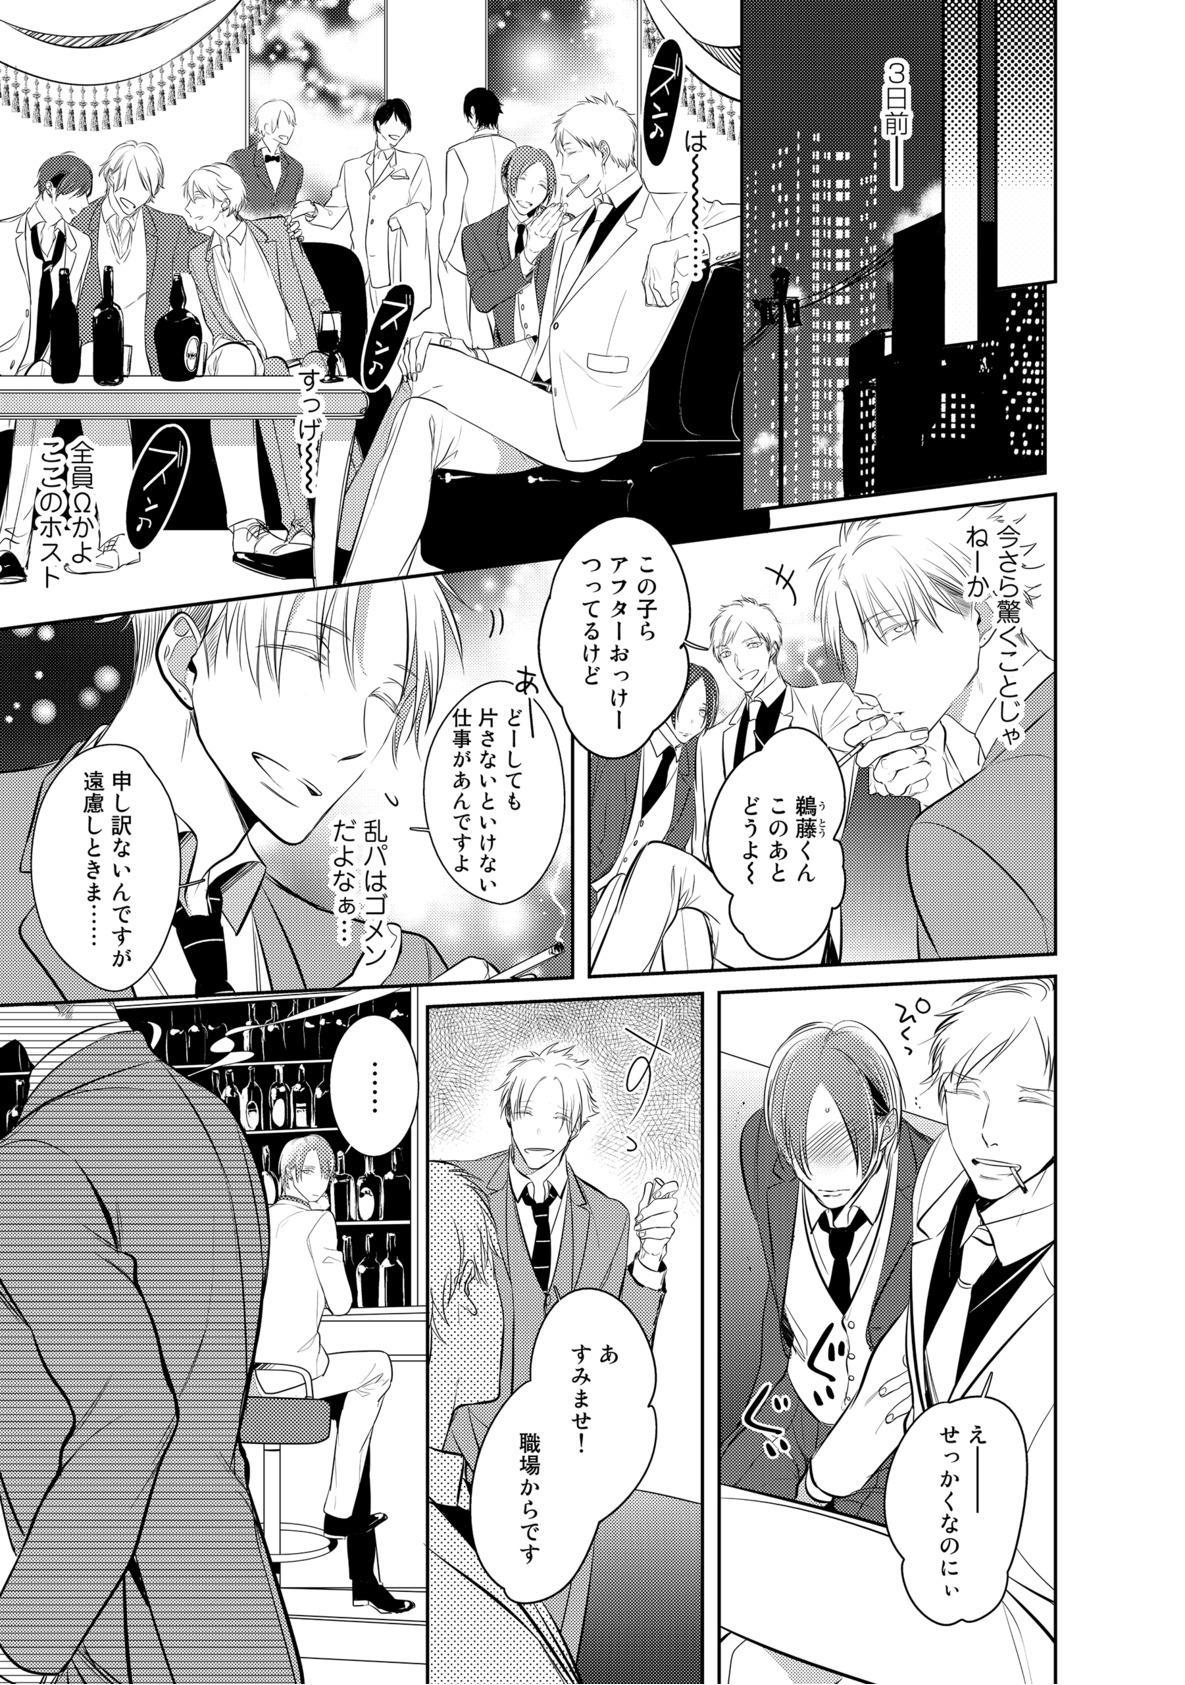 Kurui Naku no wa Boku no Ban ~ vol.2 8